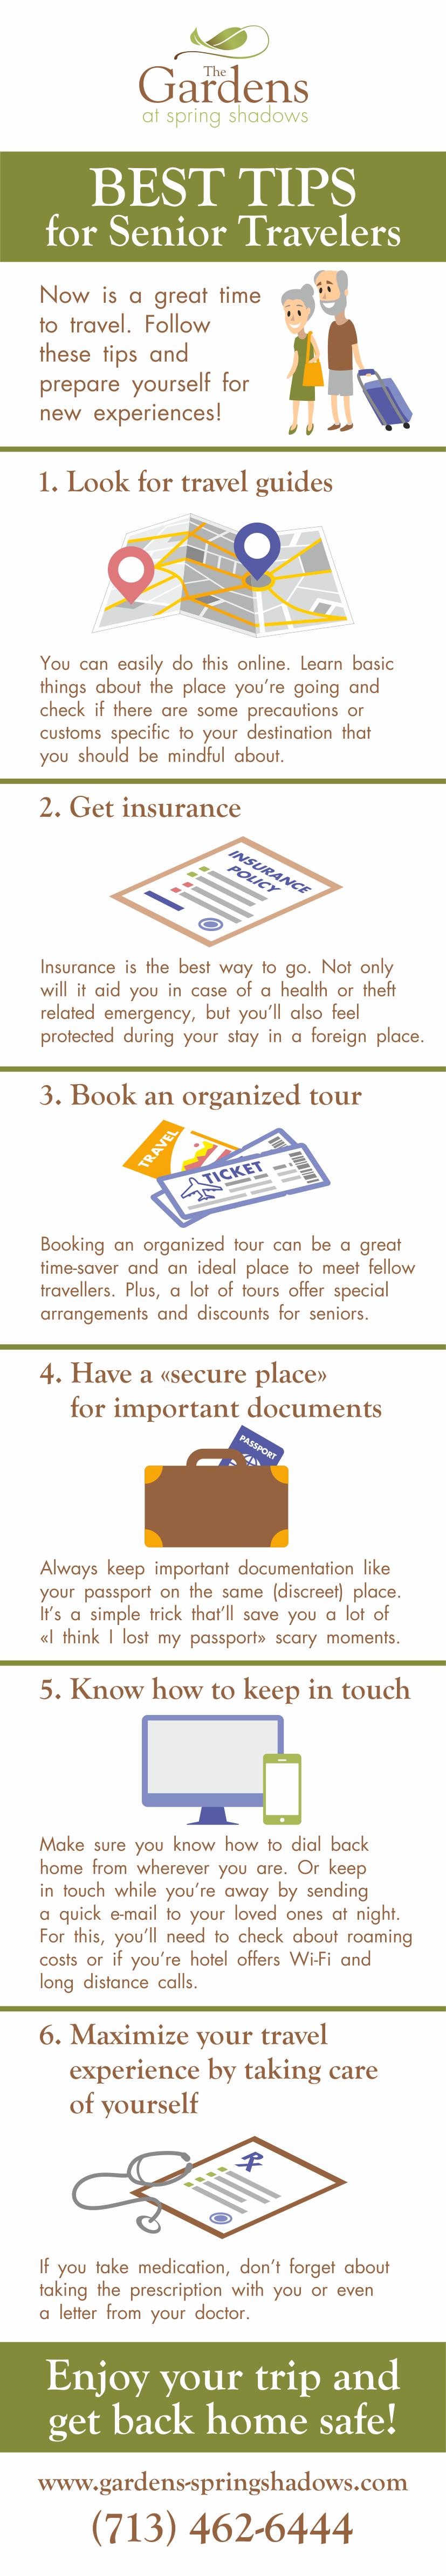 Best Tips For Senior Travelers #infographic